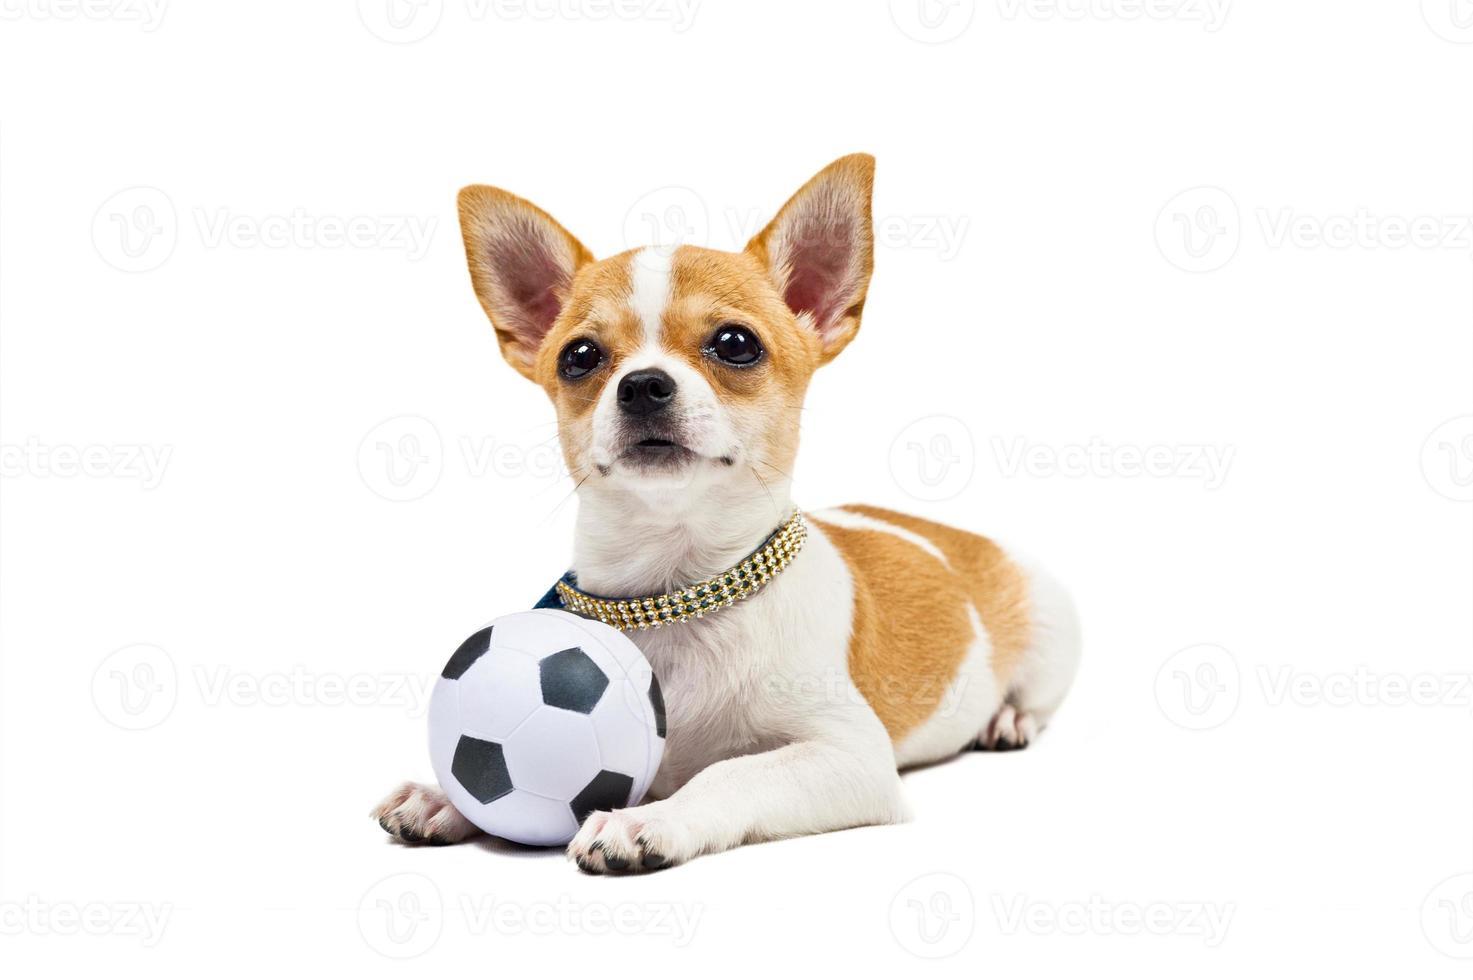 cane chiwawa foto